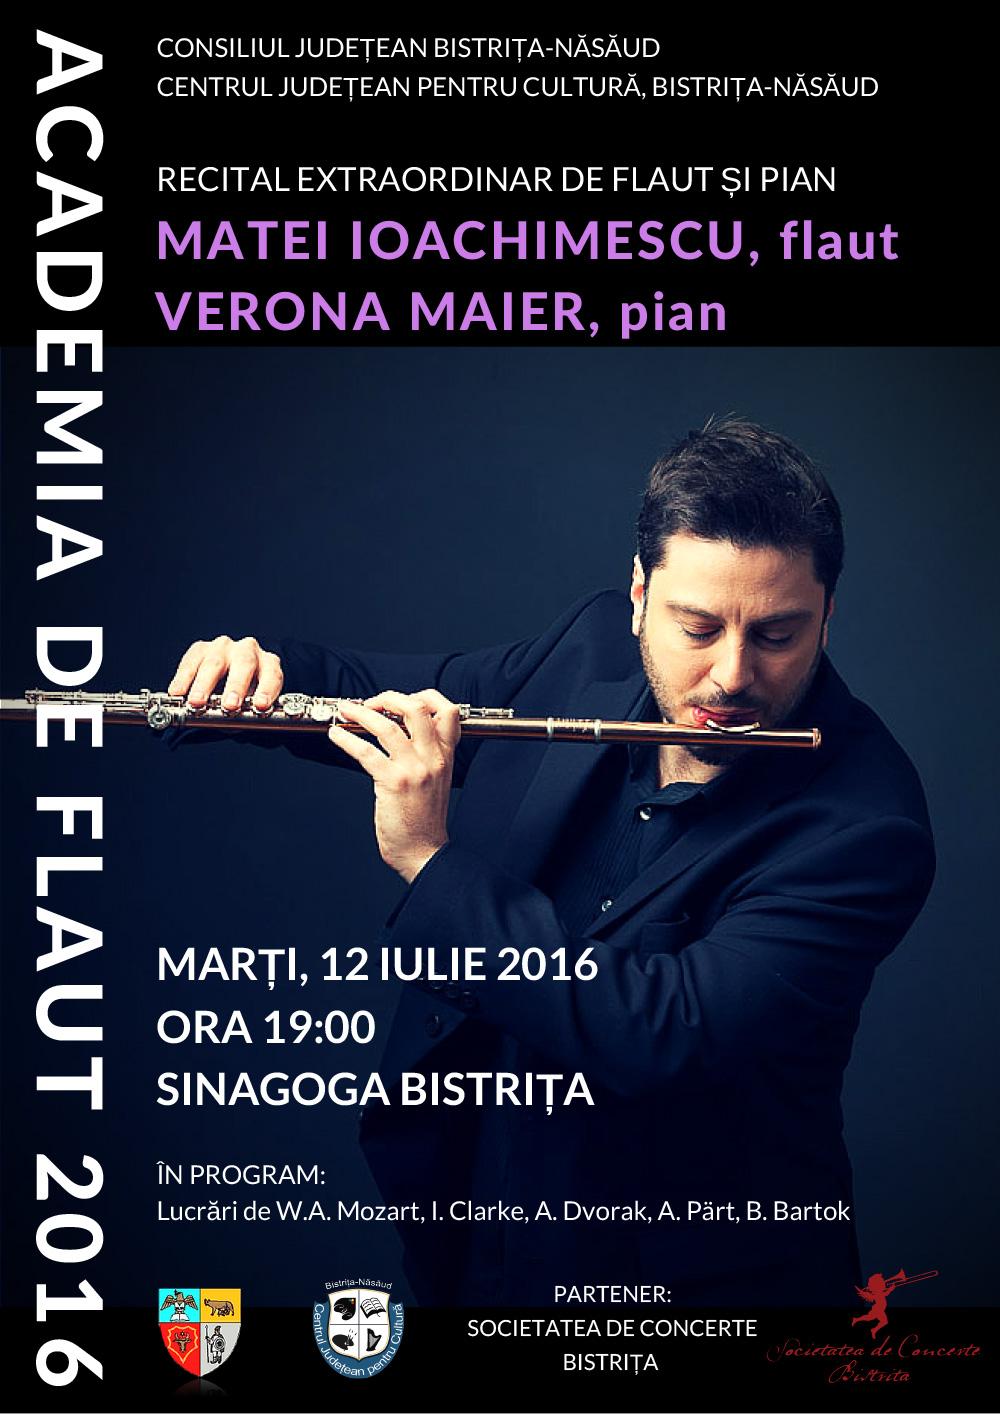 poster_recital_matei_ioachimescu